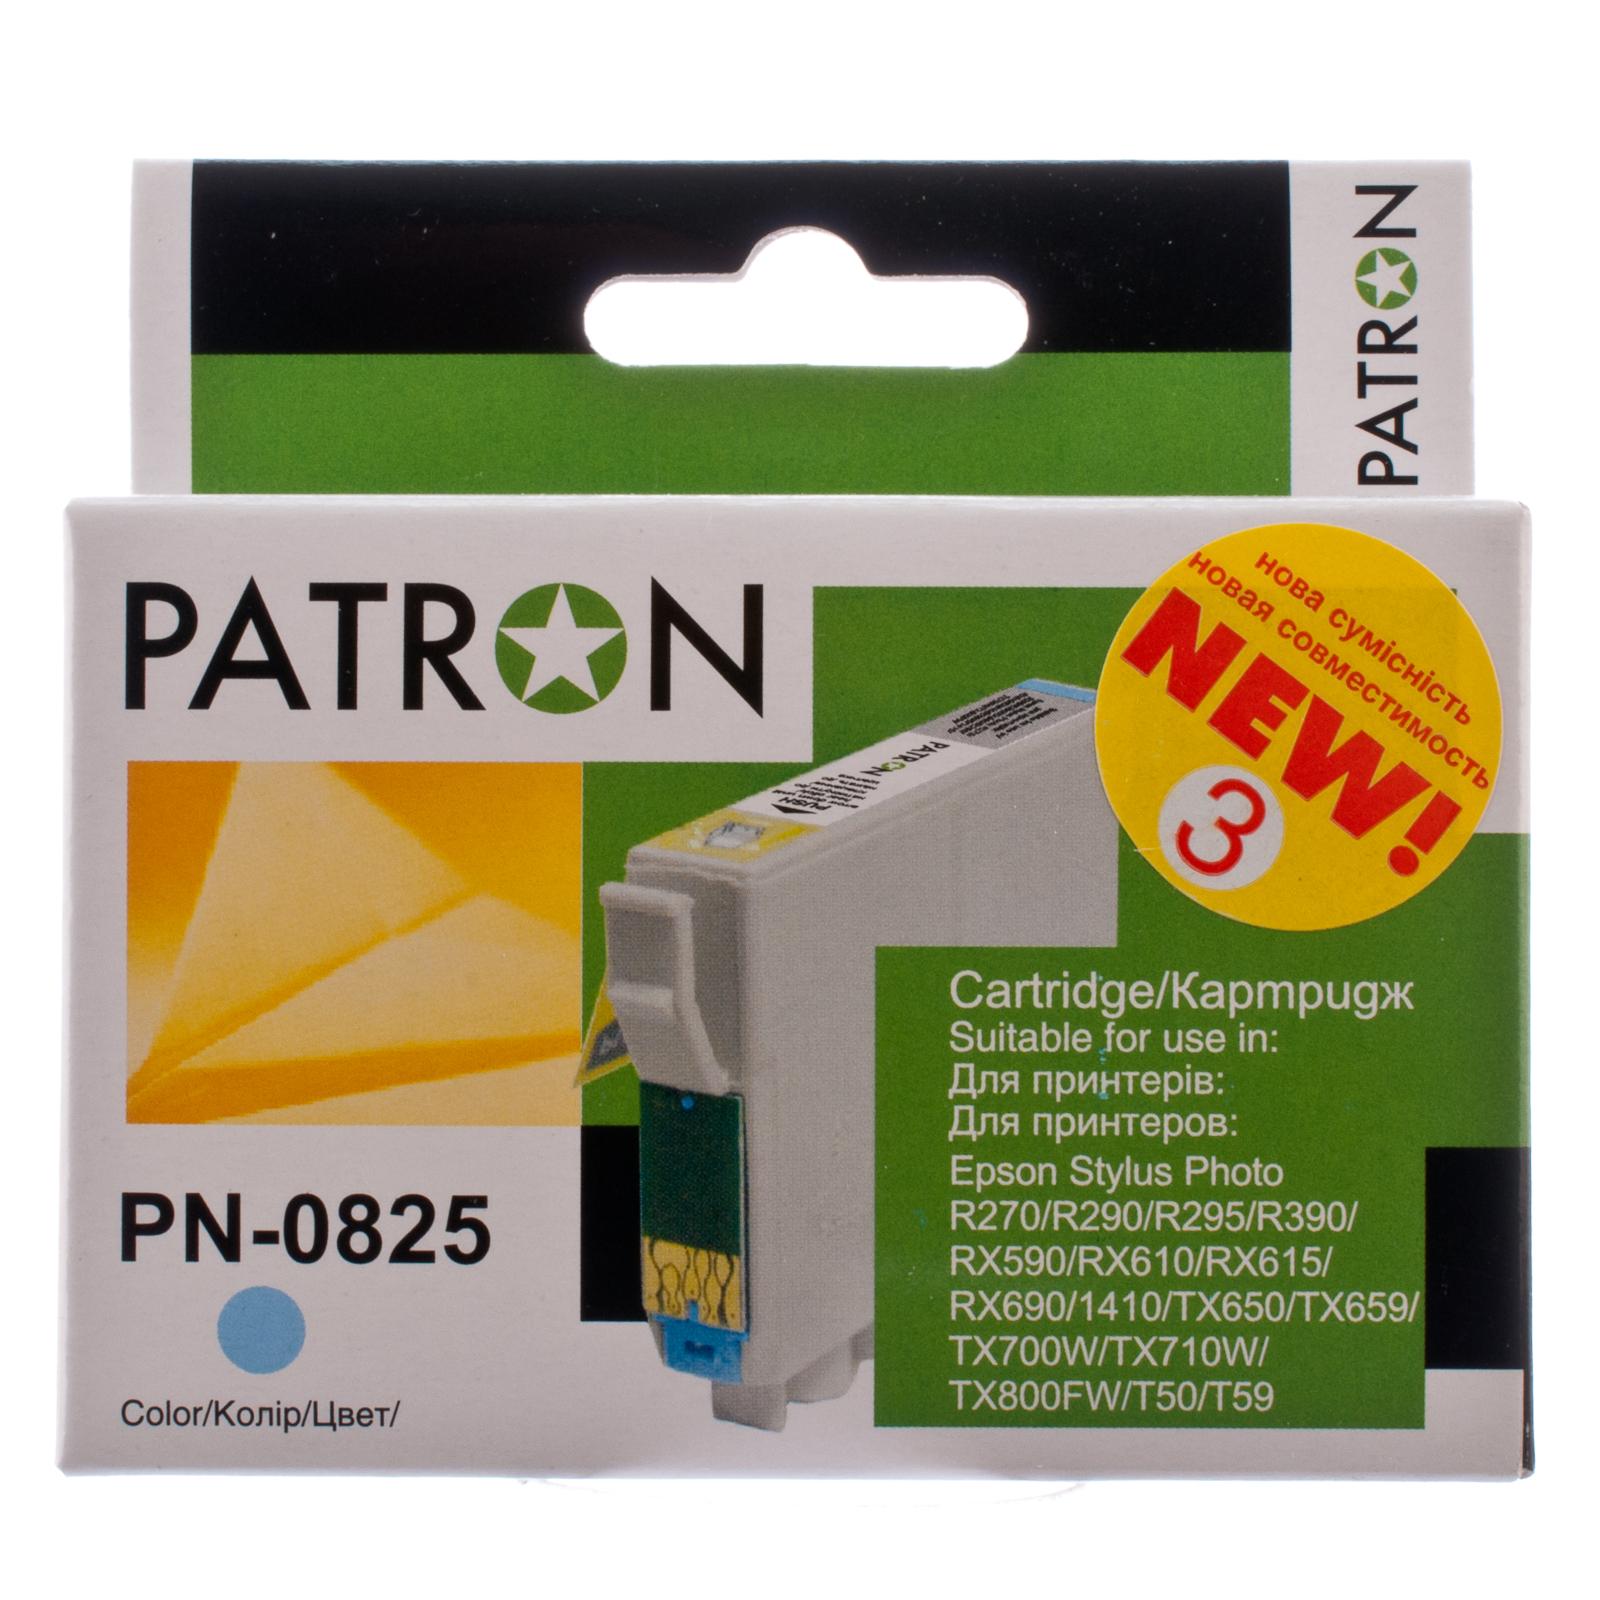 Картридж PATRON для EPSON R270/290/390/RX590 LIGHT CYAN (PN-0825) (CI-EPS-T08154-LC3-PN) изображение 2